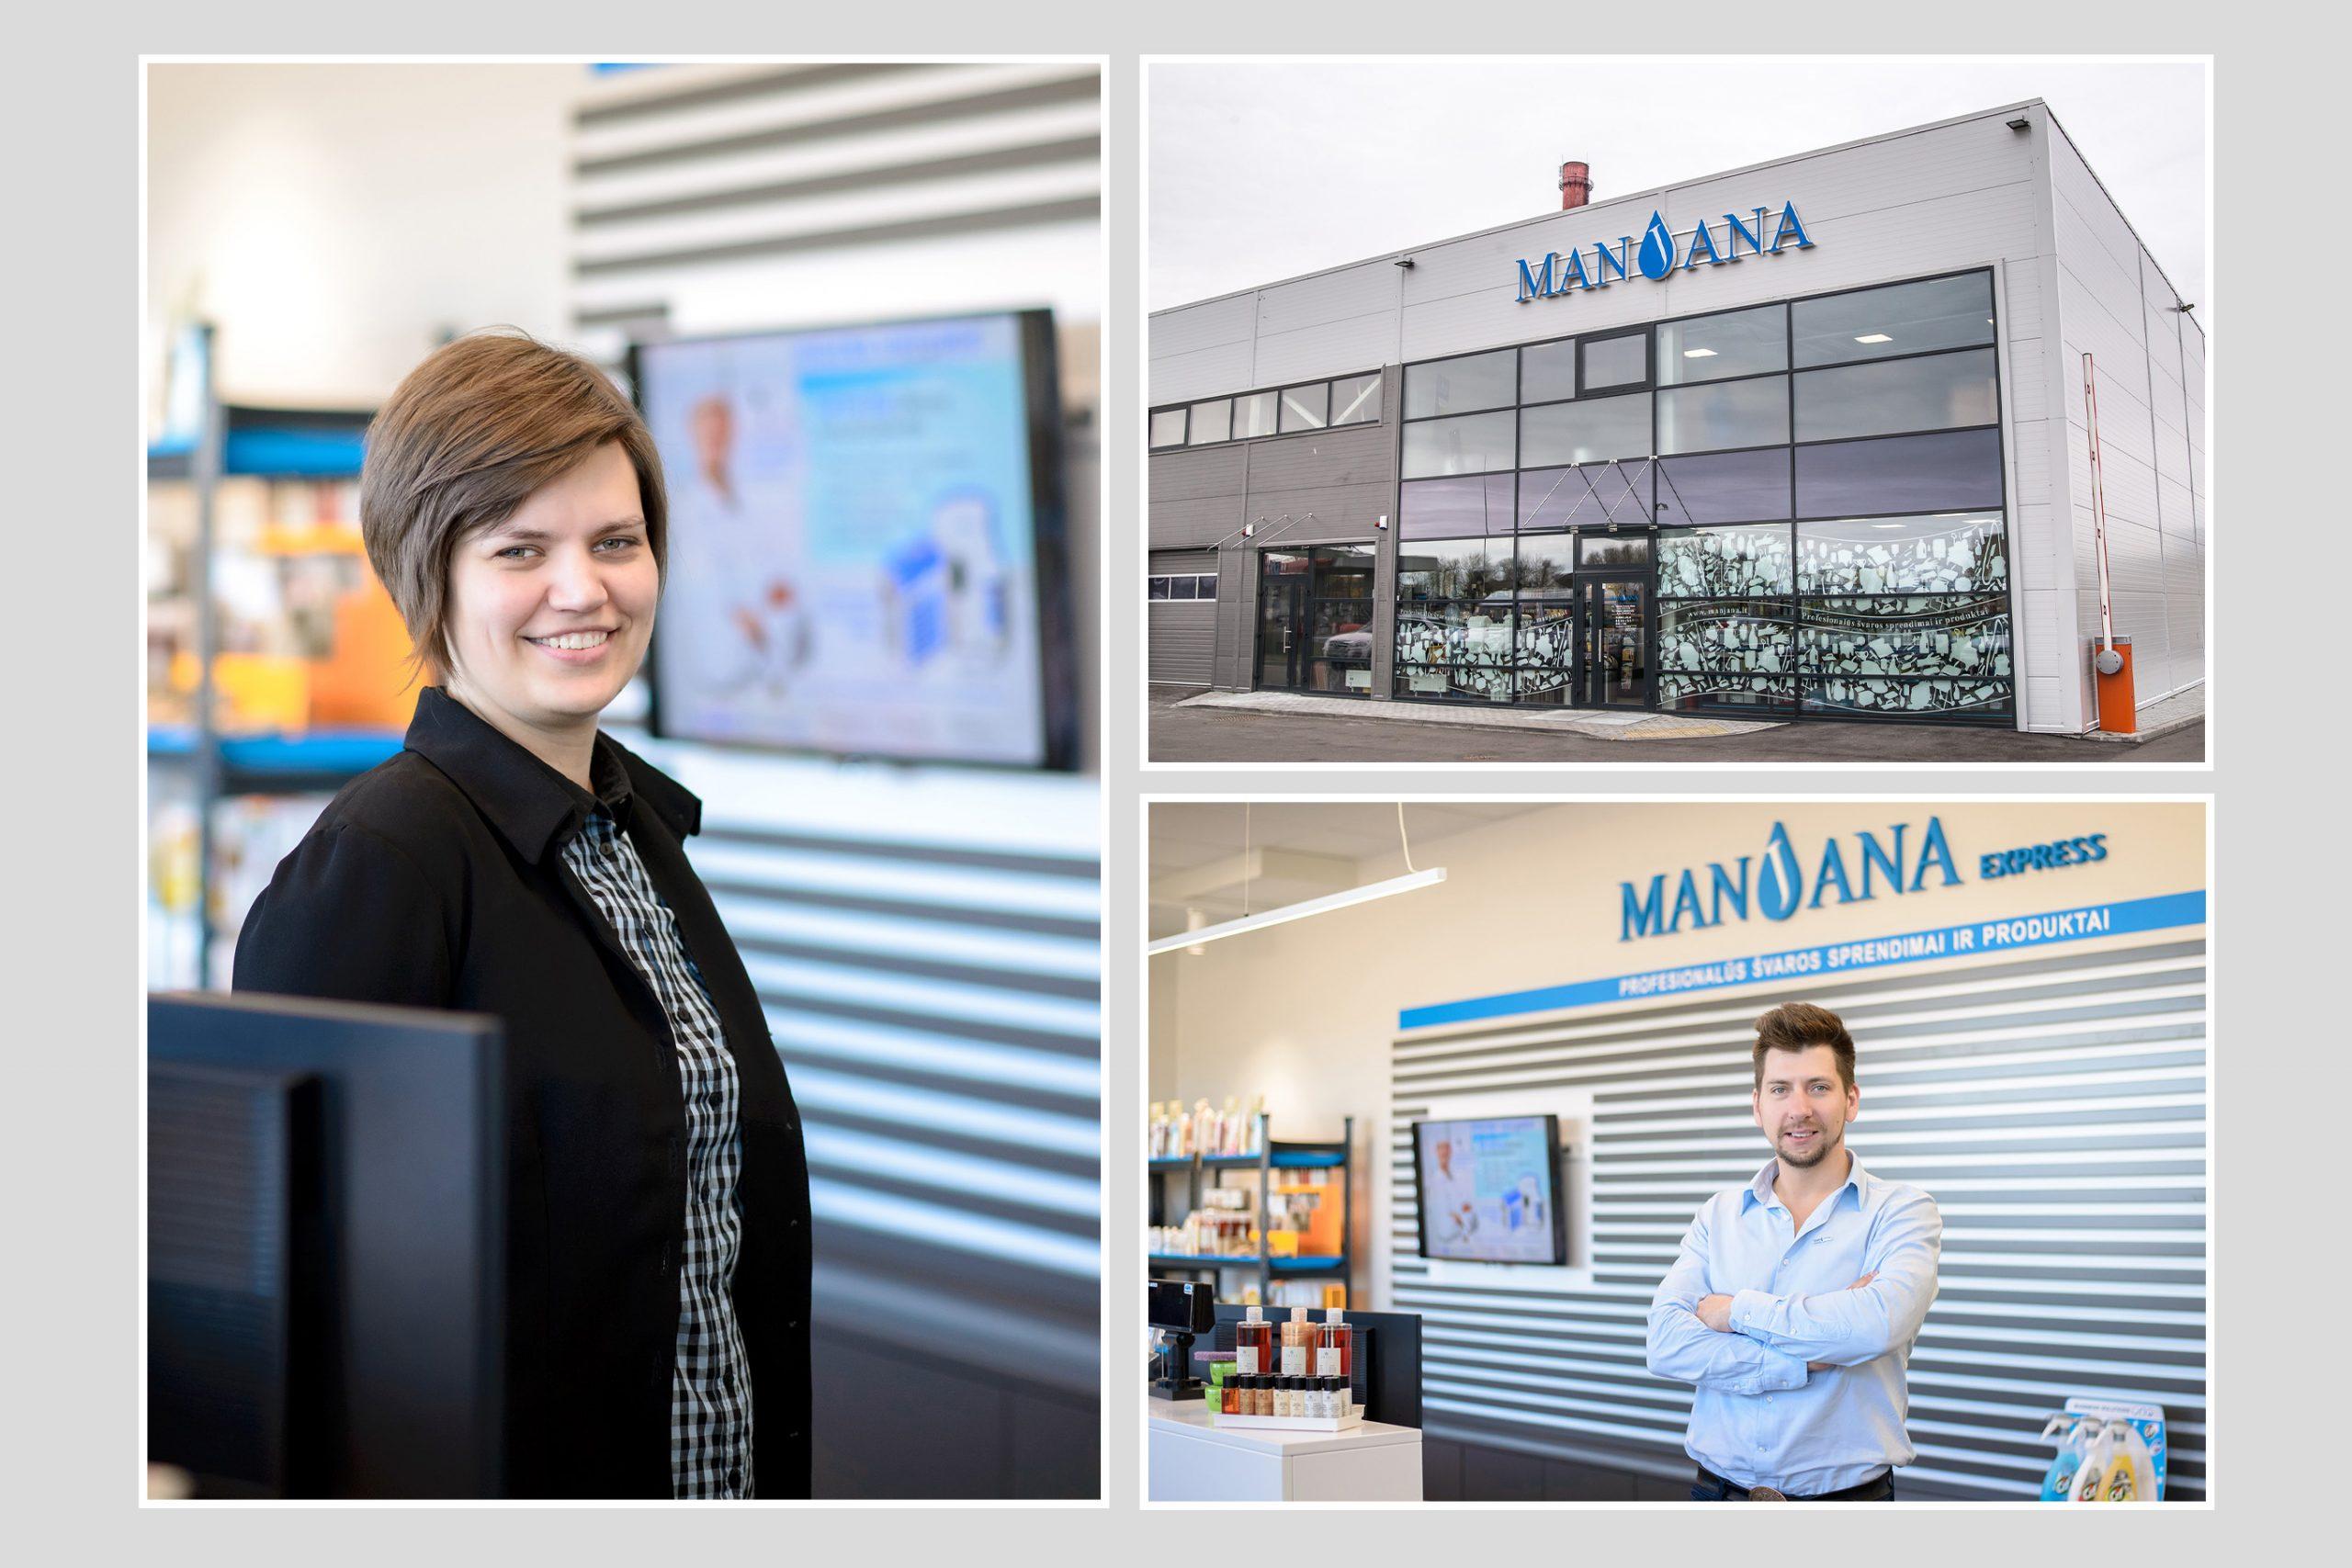 Manjana